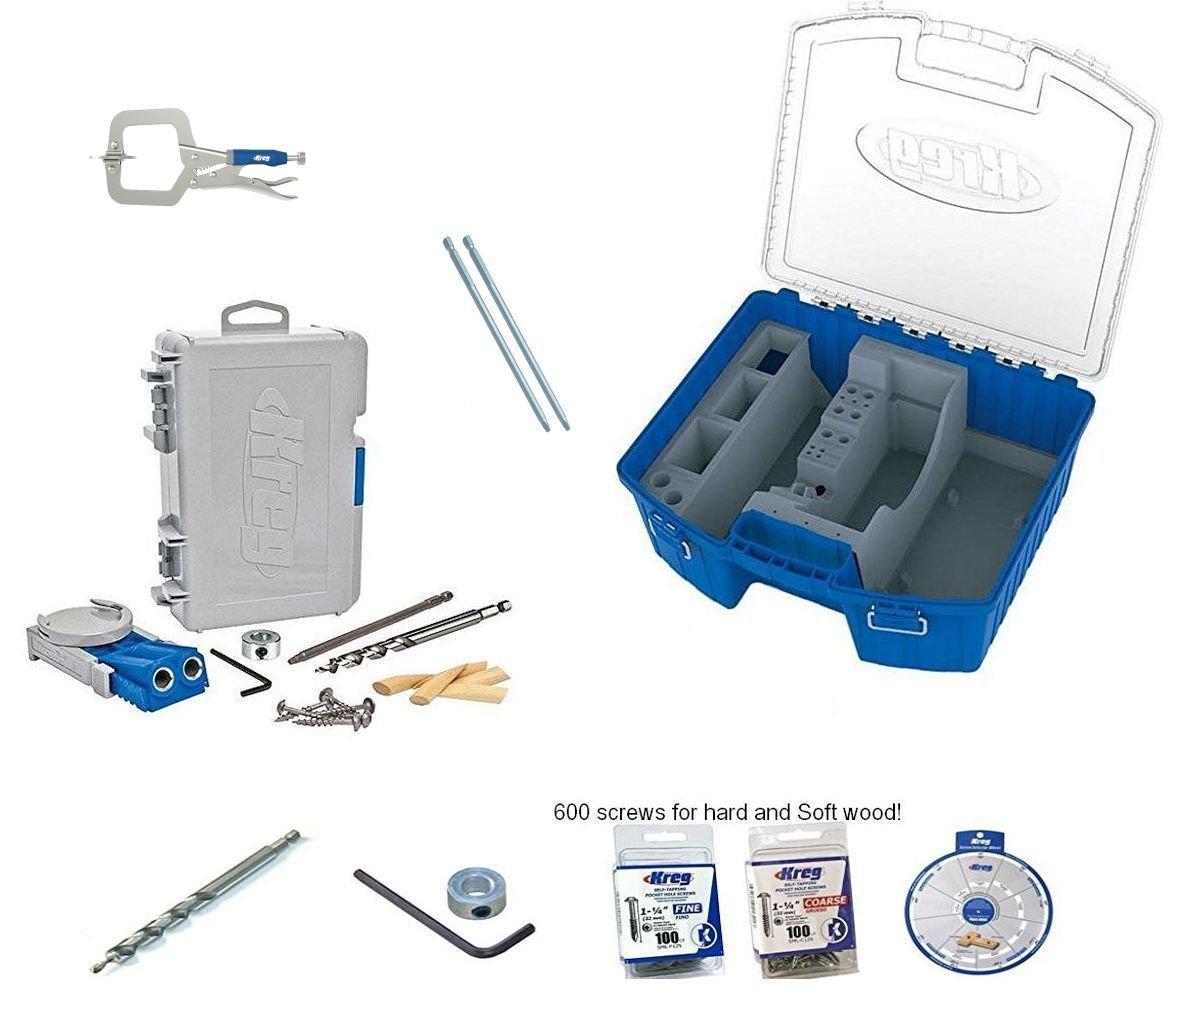 Kreg R3 Pocket Hole Jig KTC55 Storage box clamp 300 screws SSW extra bit collar